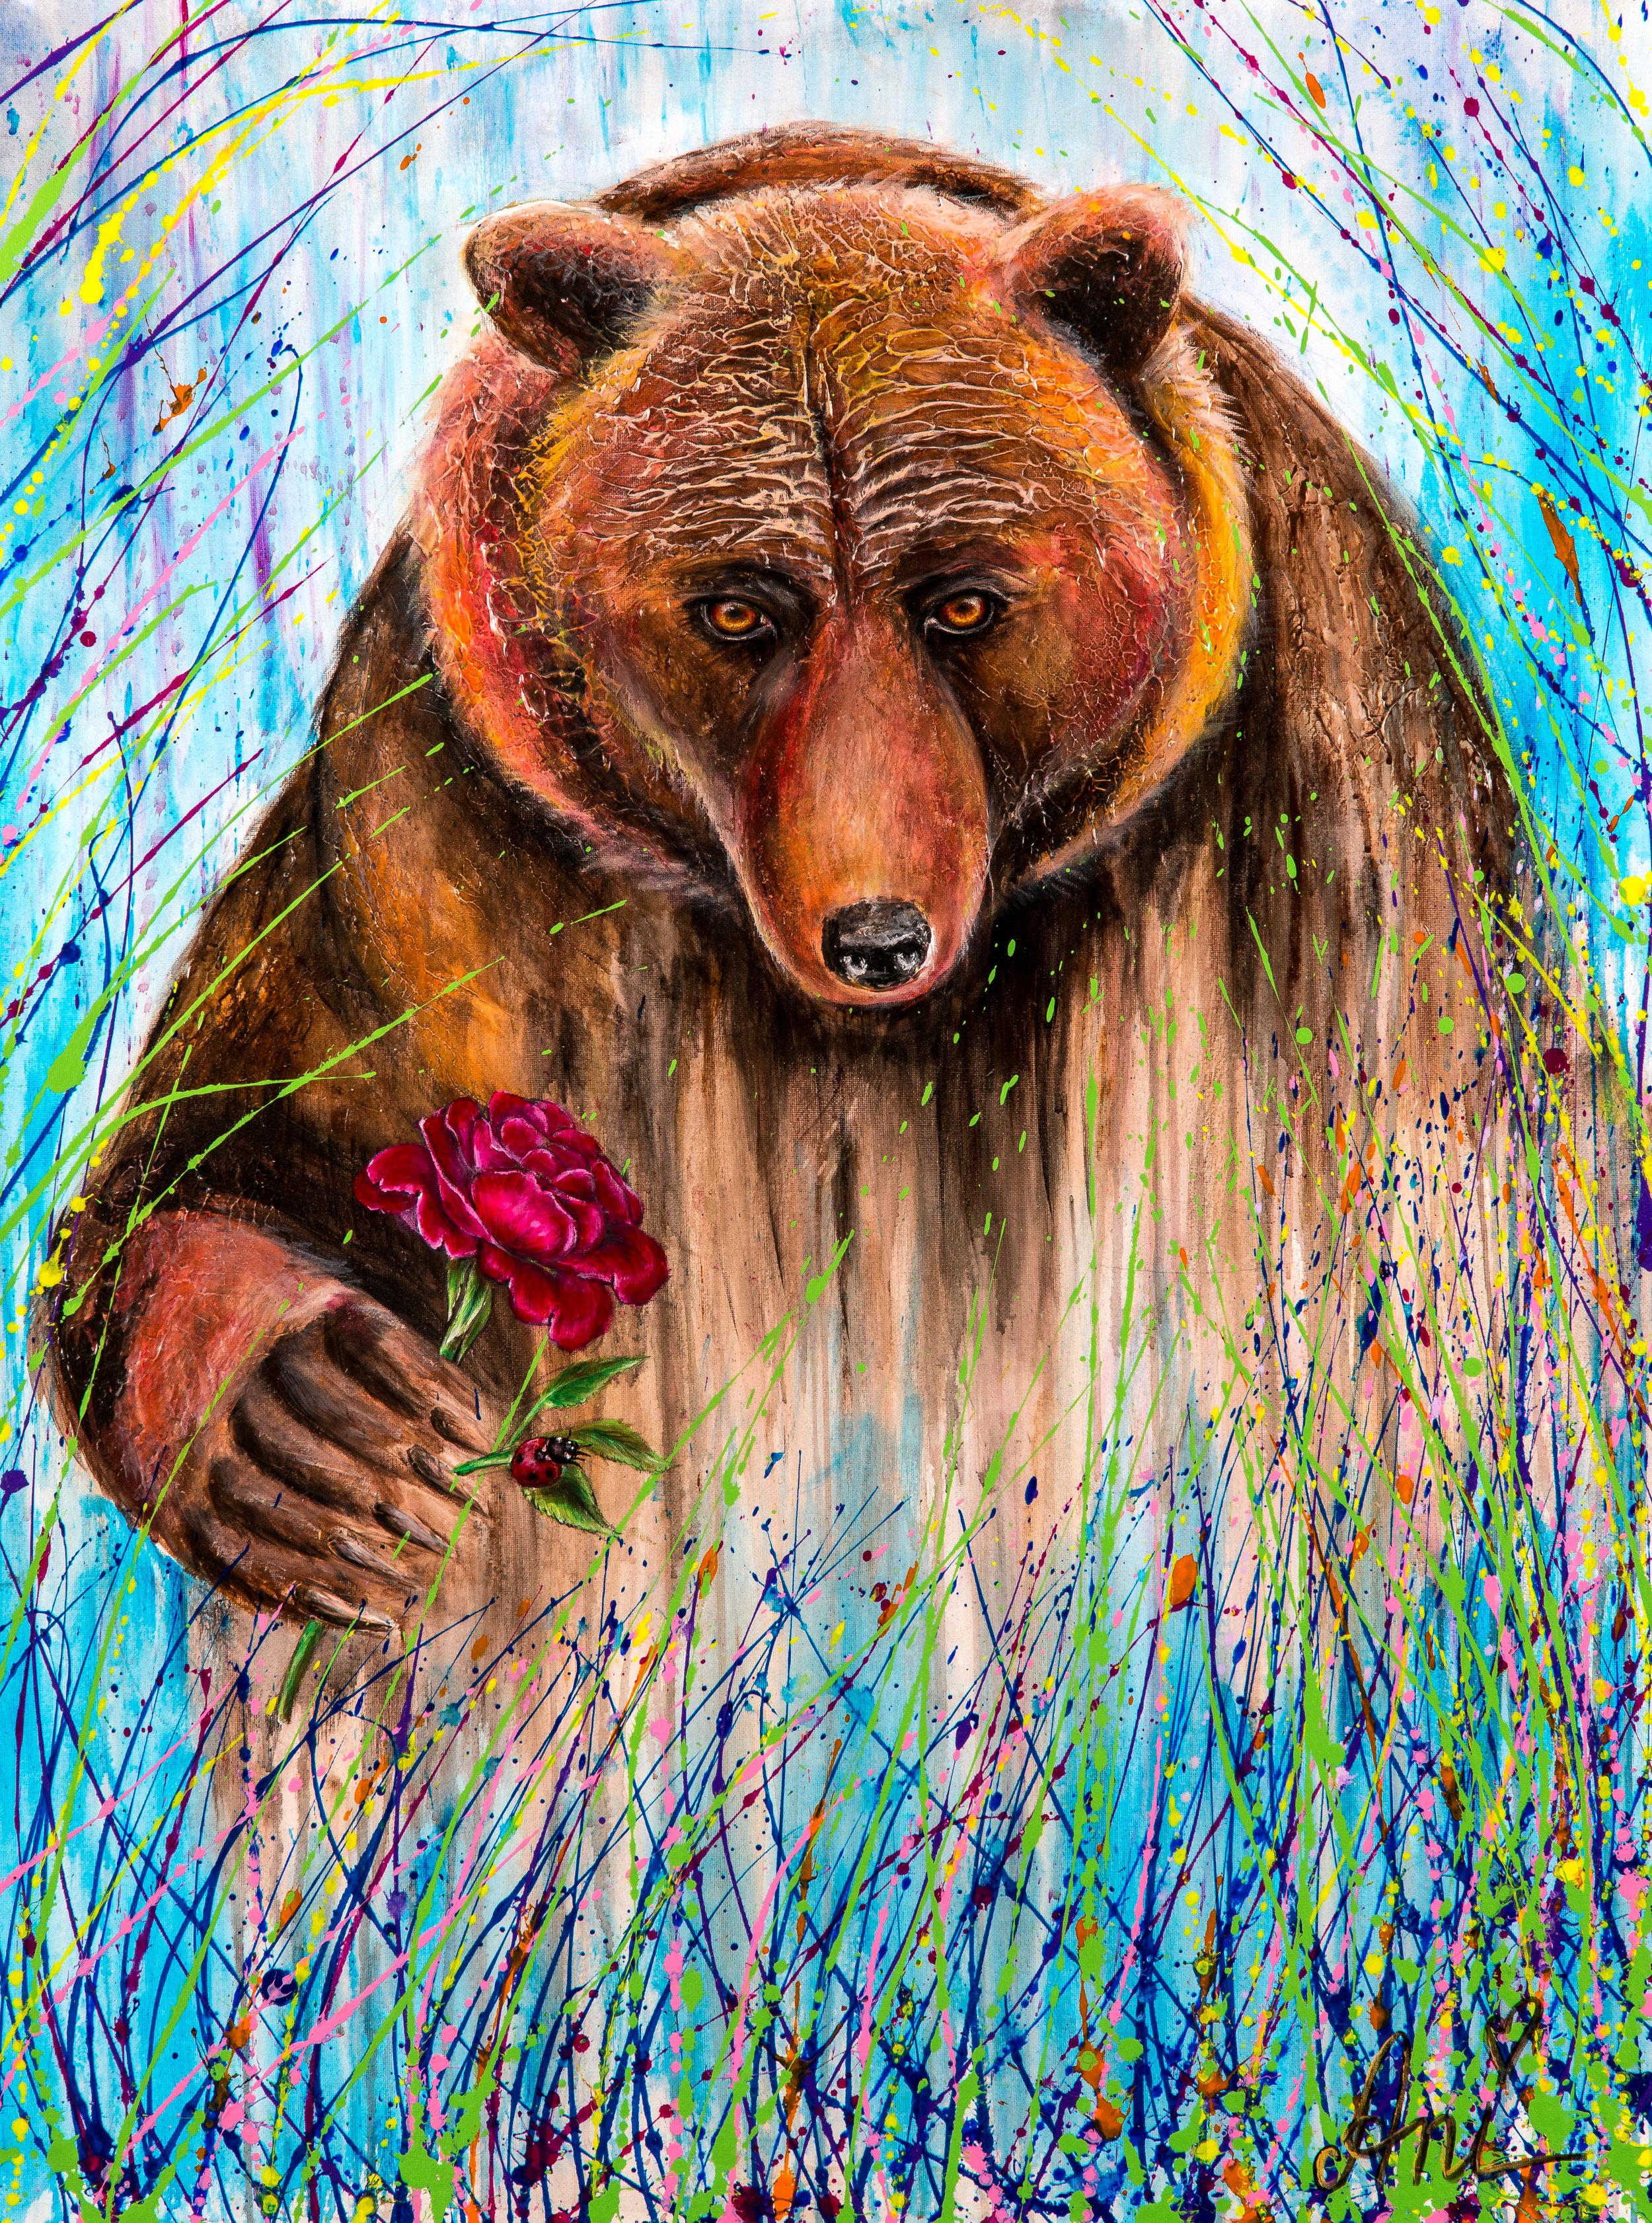 L'ours romantique:  Peinture acrylique sur toile 3D, 100cm x 75cm  Prix: 1100€ + frais de livraison